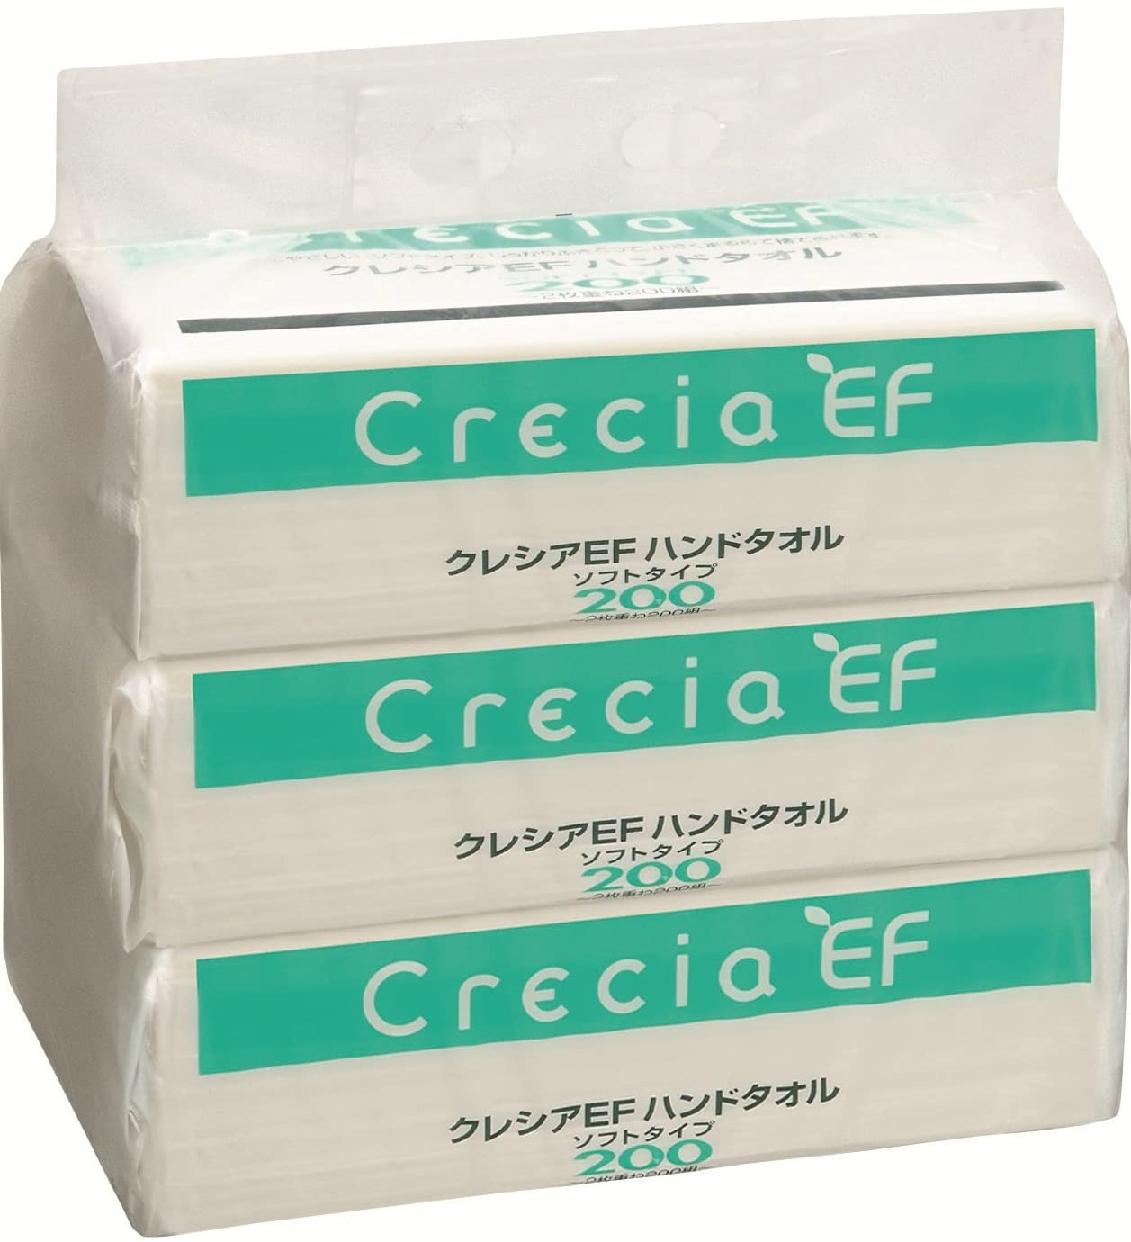 Crecia EF(クレシアEF) ハンドタオル ソフトタイプ200 200組(400枚)×3P 37005の商品画像